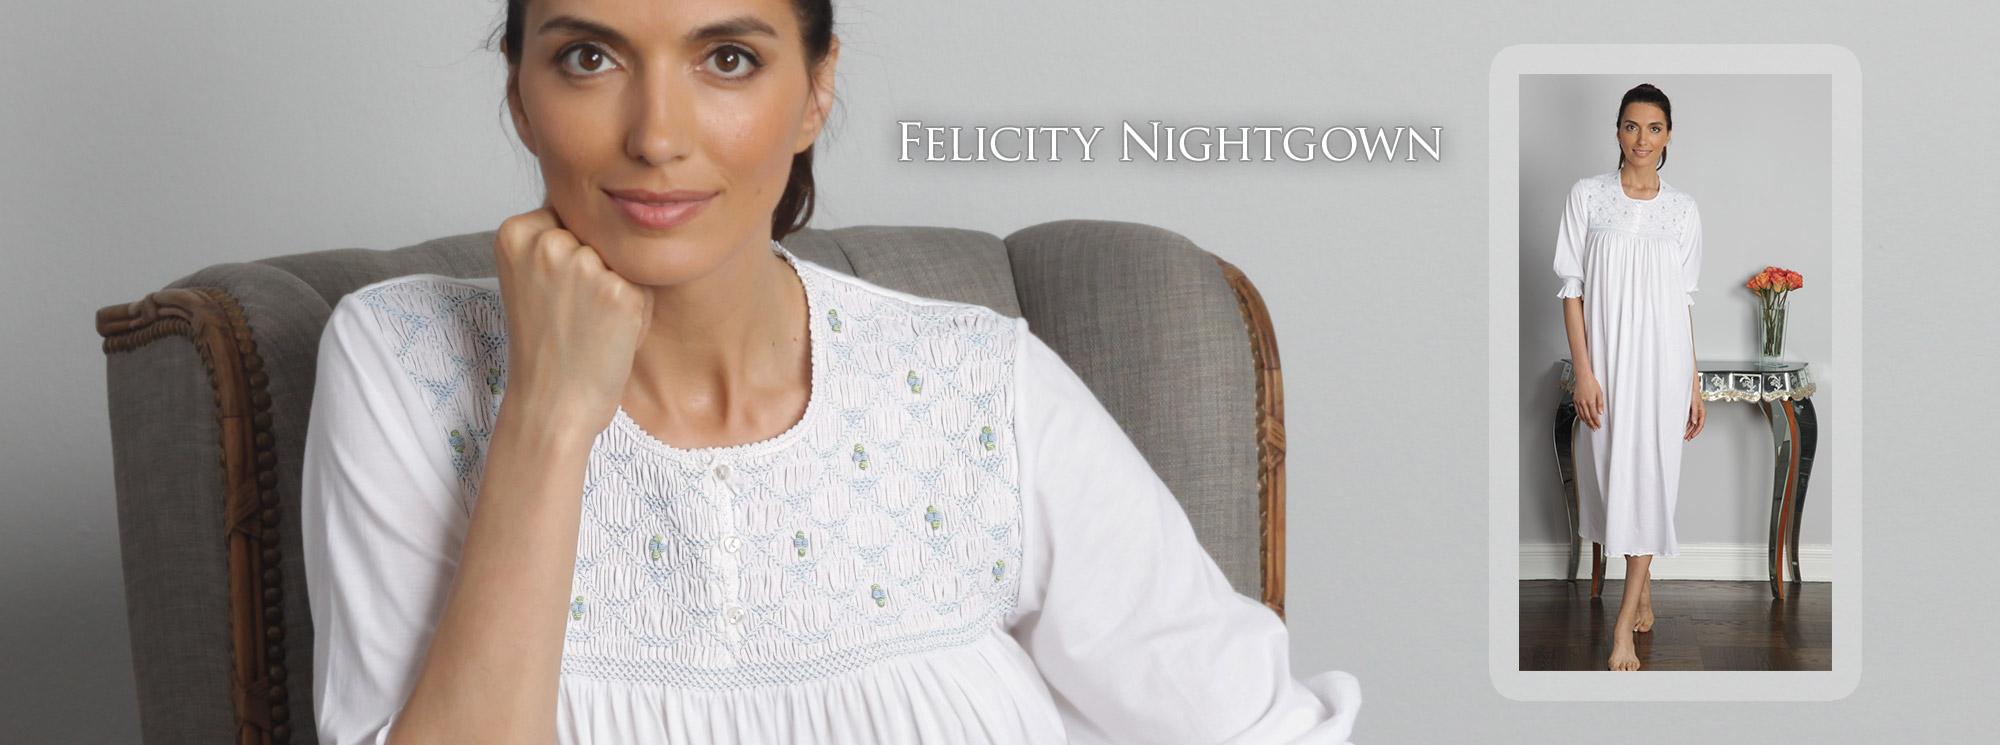 Felicity Nightwear